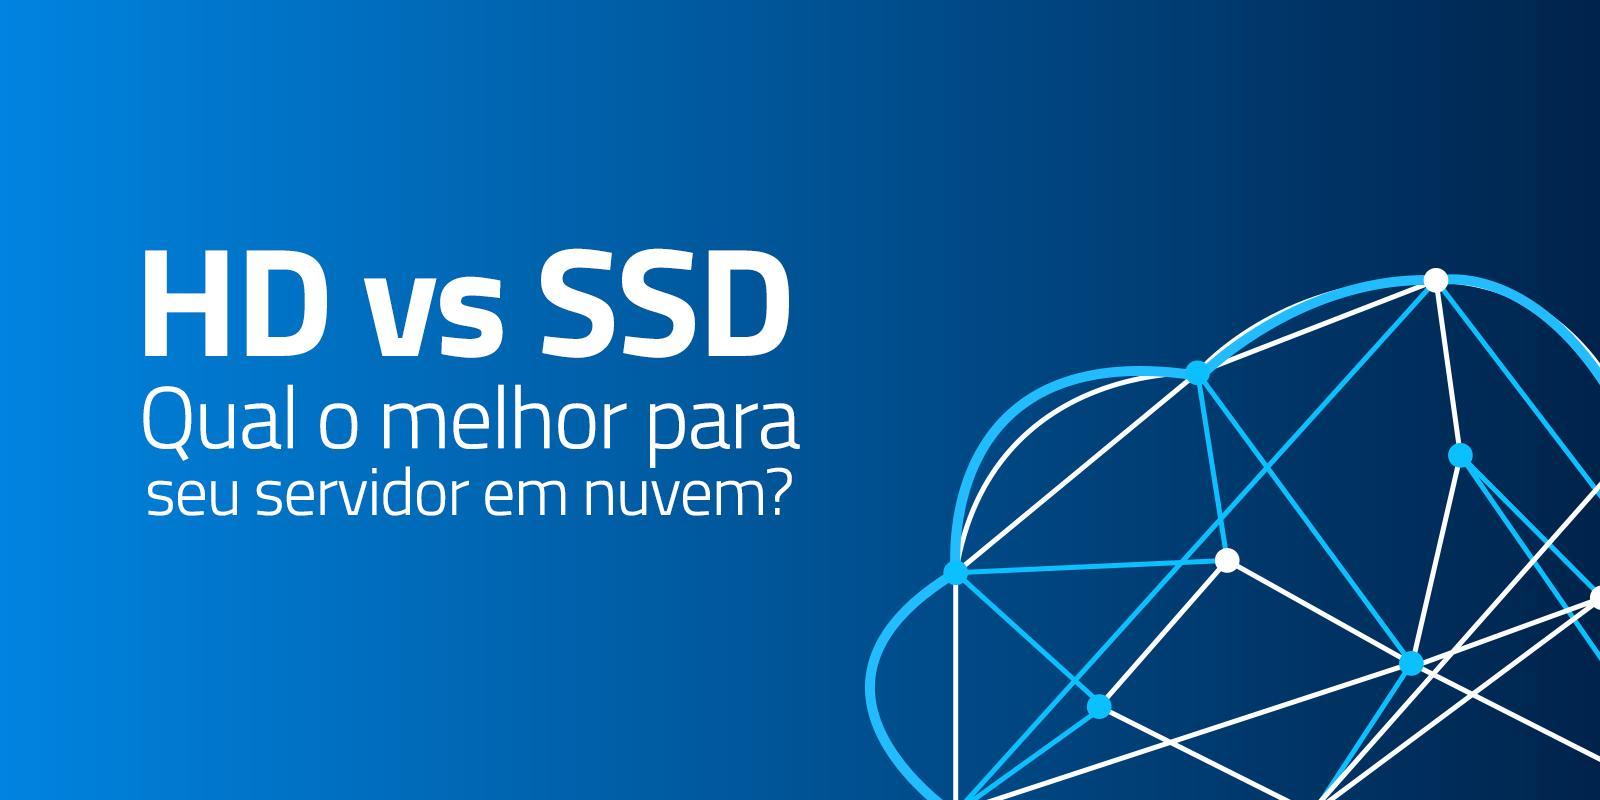 Disco SSD ou HDD: Qual é o melhor para seu servidor?